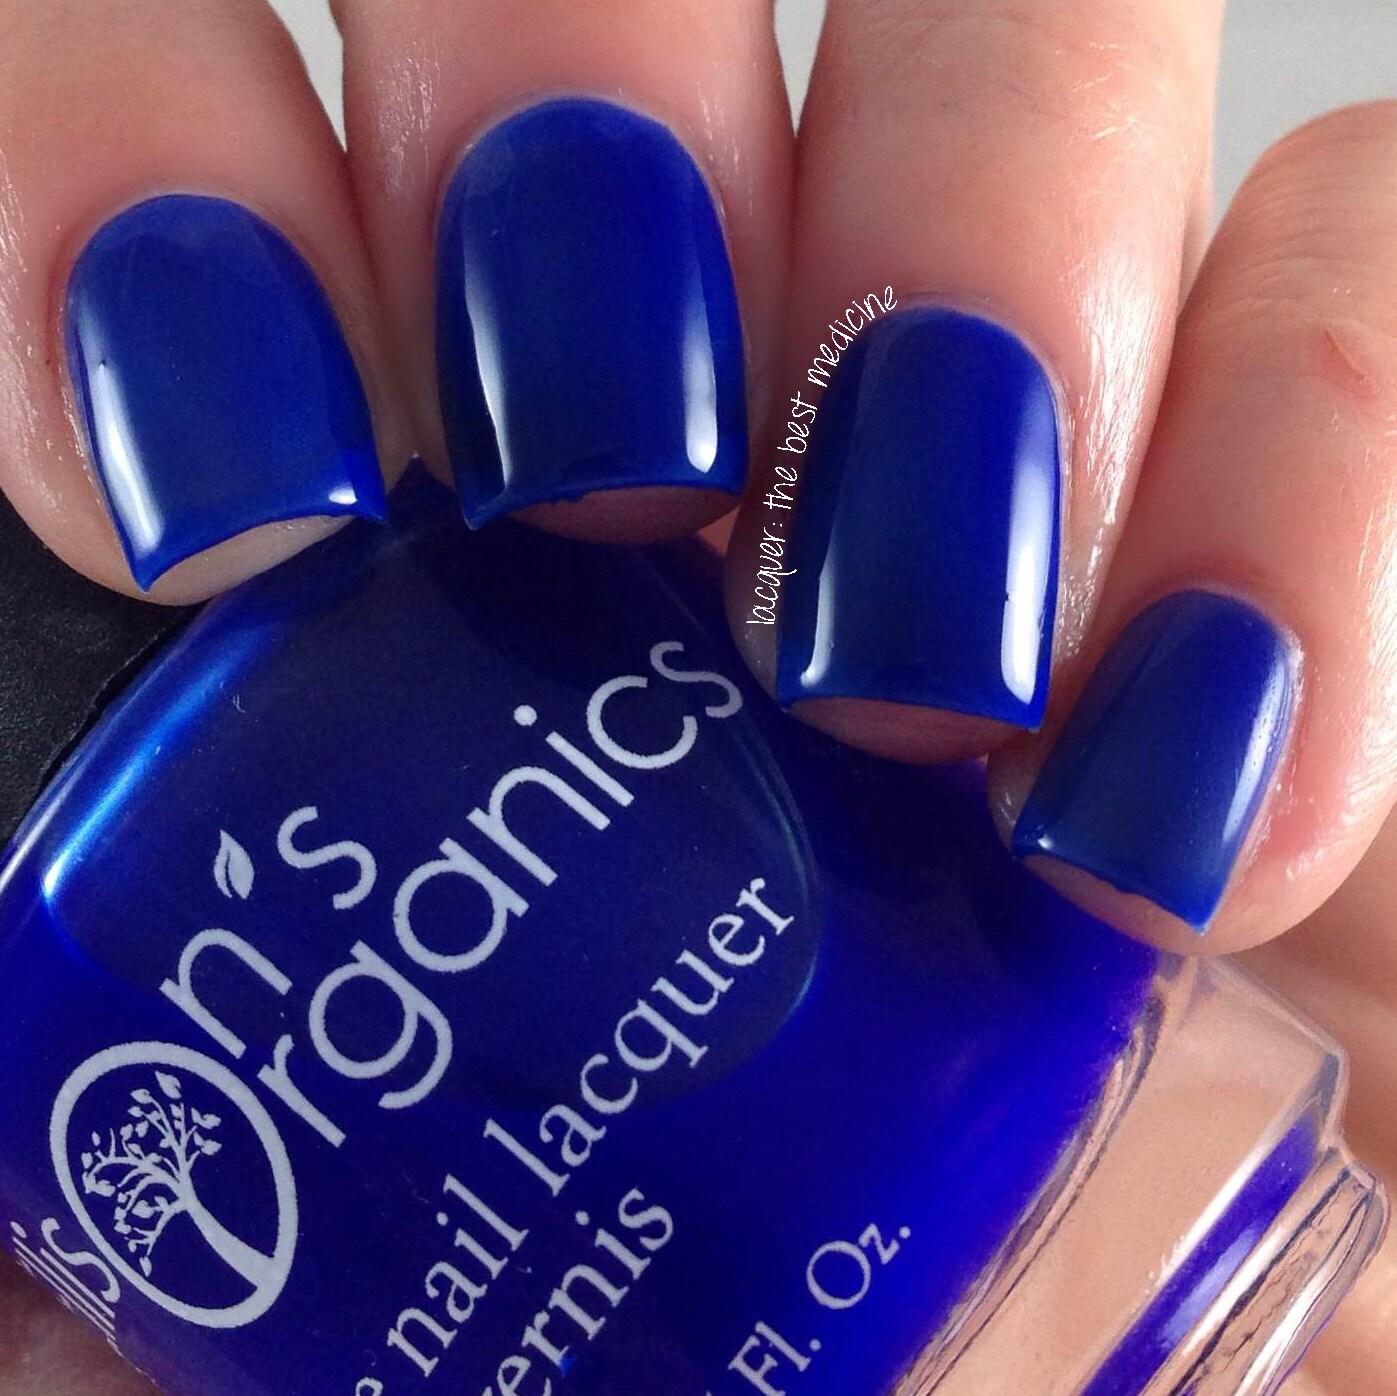 Blue Nail Polish - Blue Crelly Nail Polish - Nail Art - Vegan Nail ...